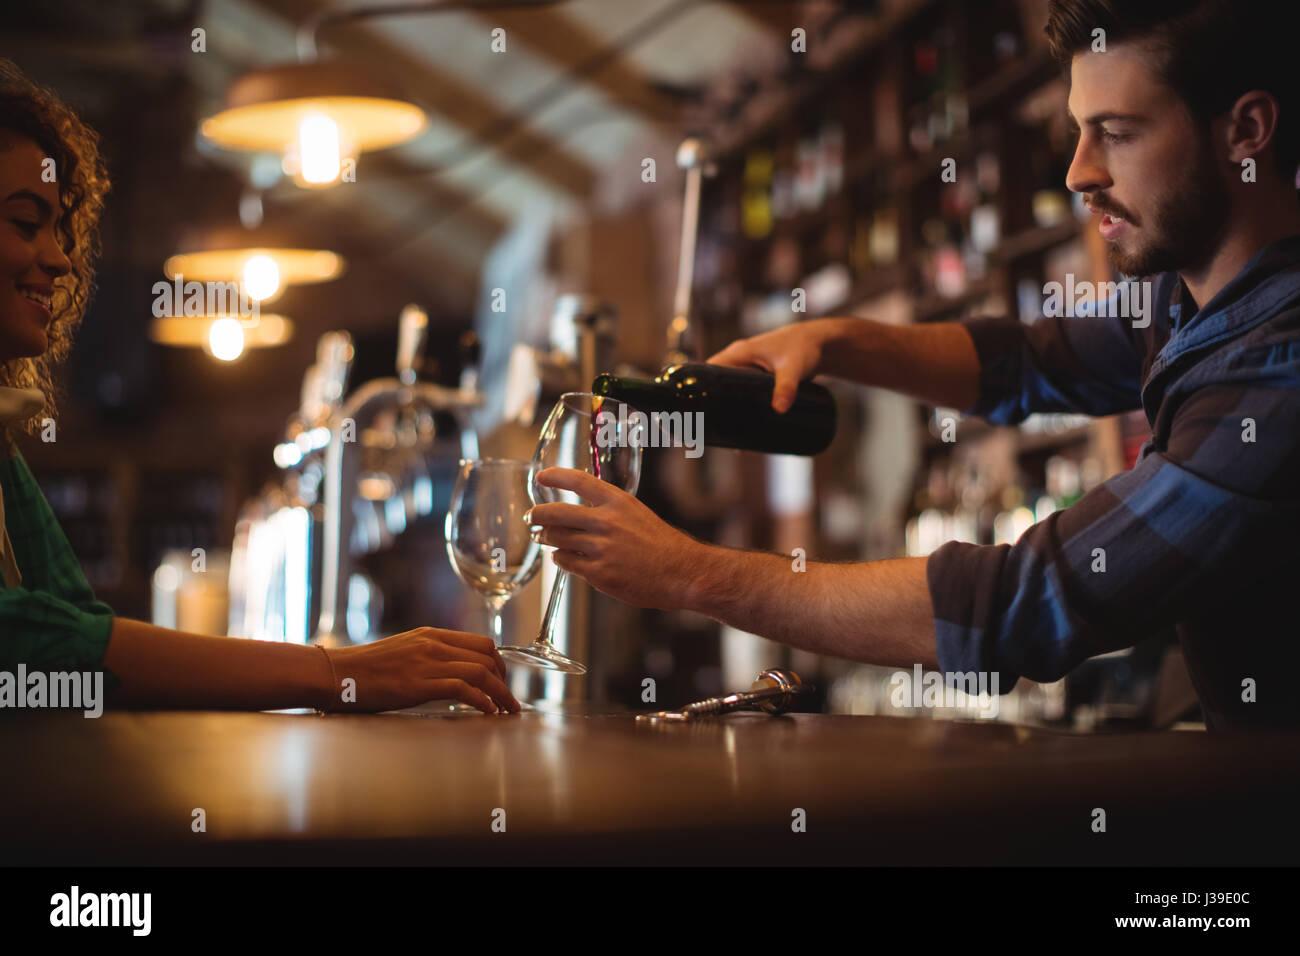 Barra macho tierno servir vino en copas en el mostrador de bar Imagen De Stock